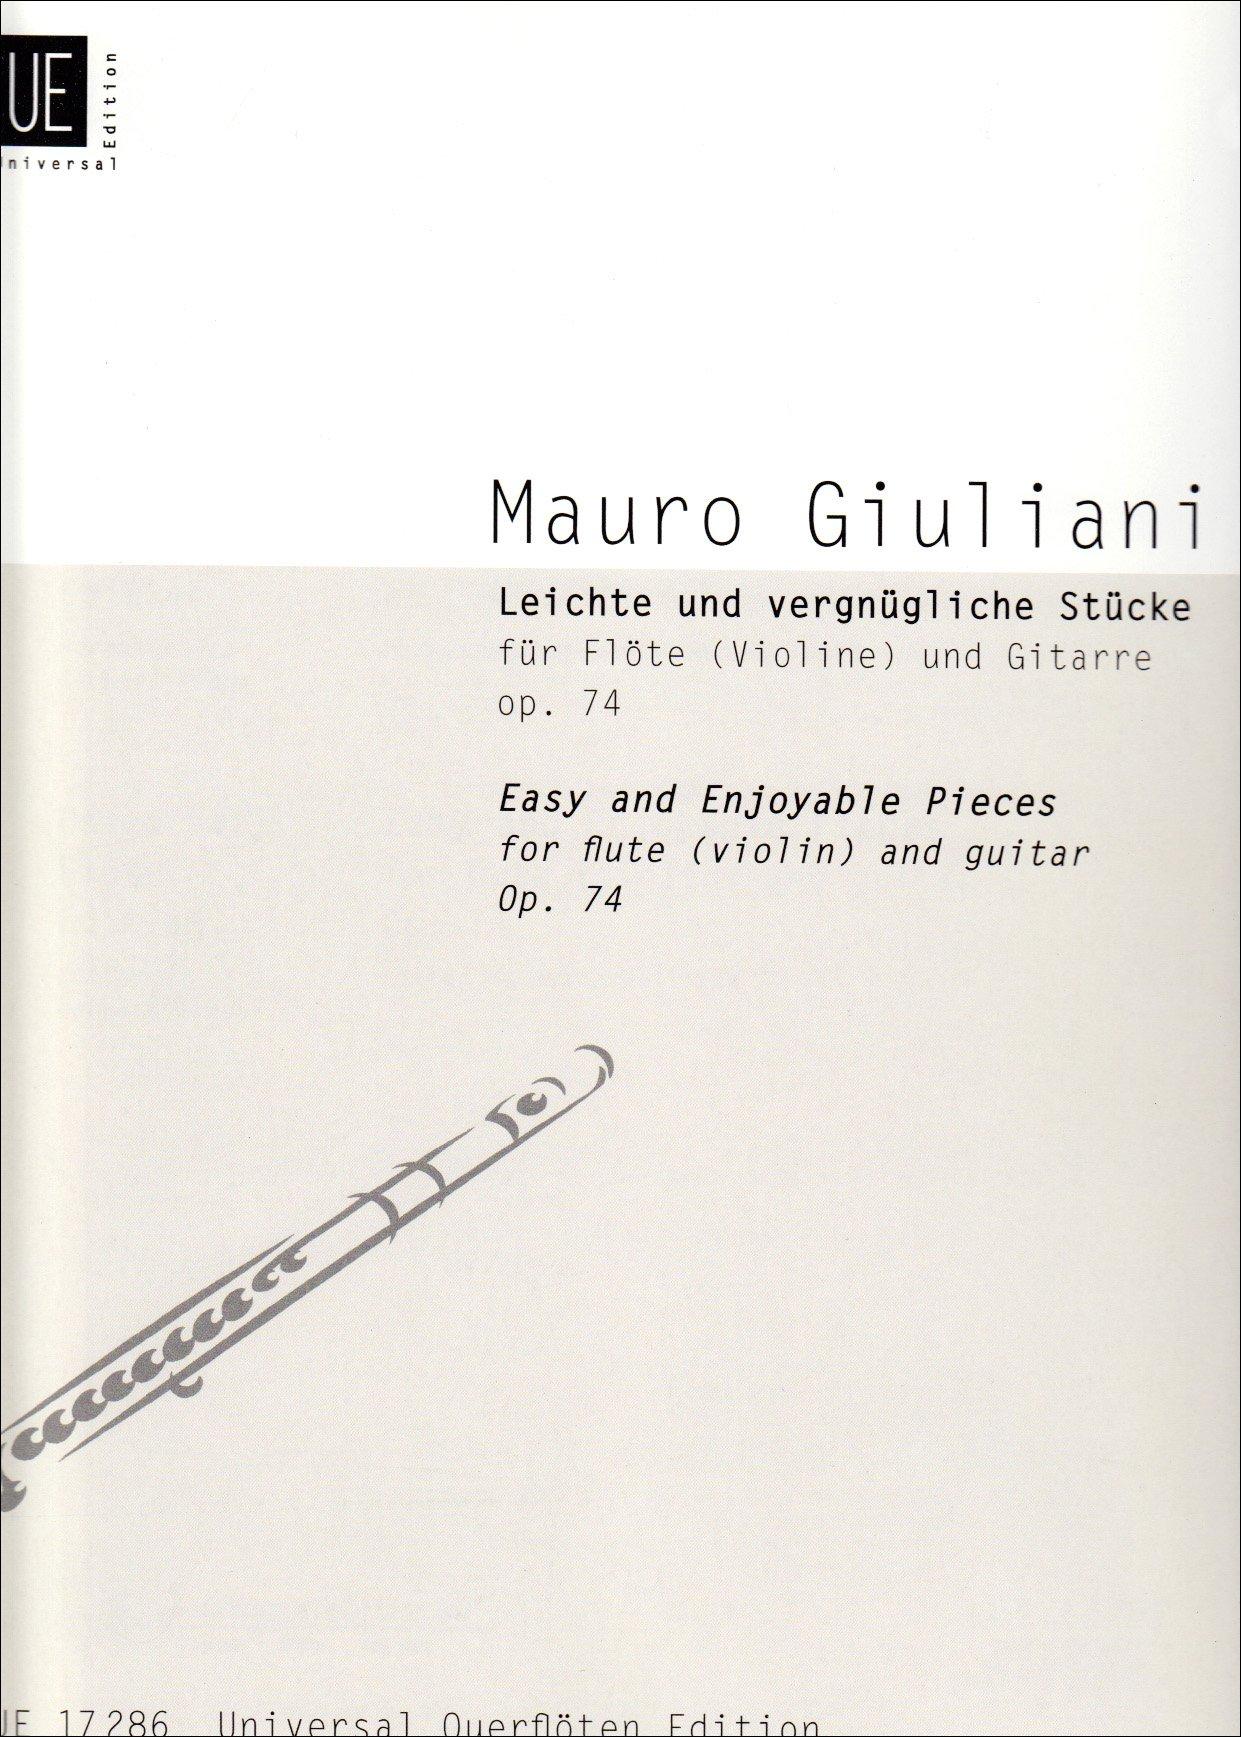 Leichte und vergnügliche Stücke: op. 74. für Flöte (Violine) und Gitarre.